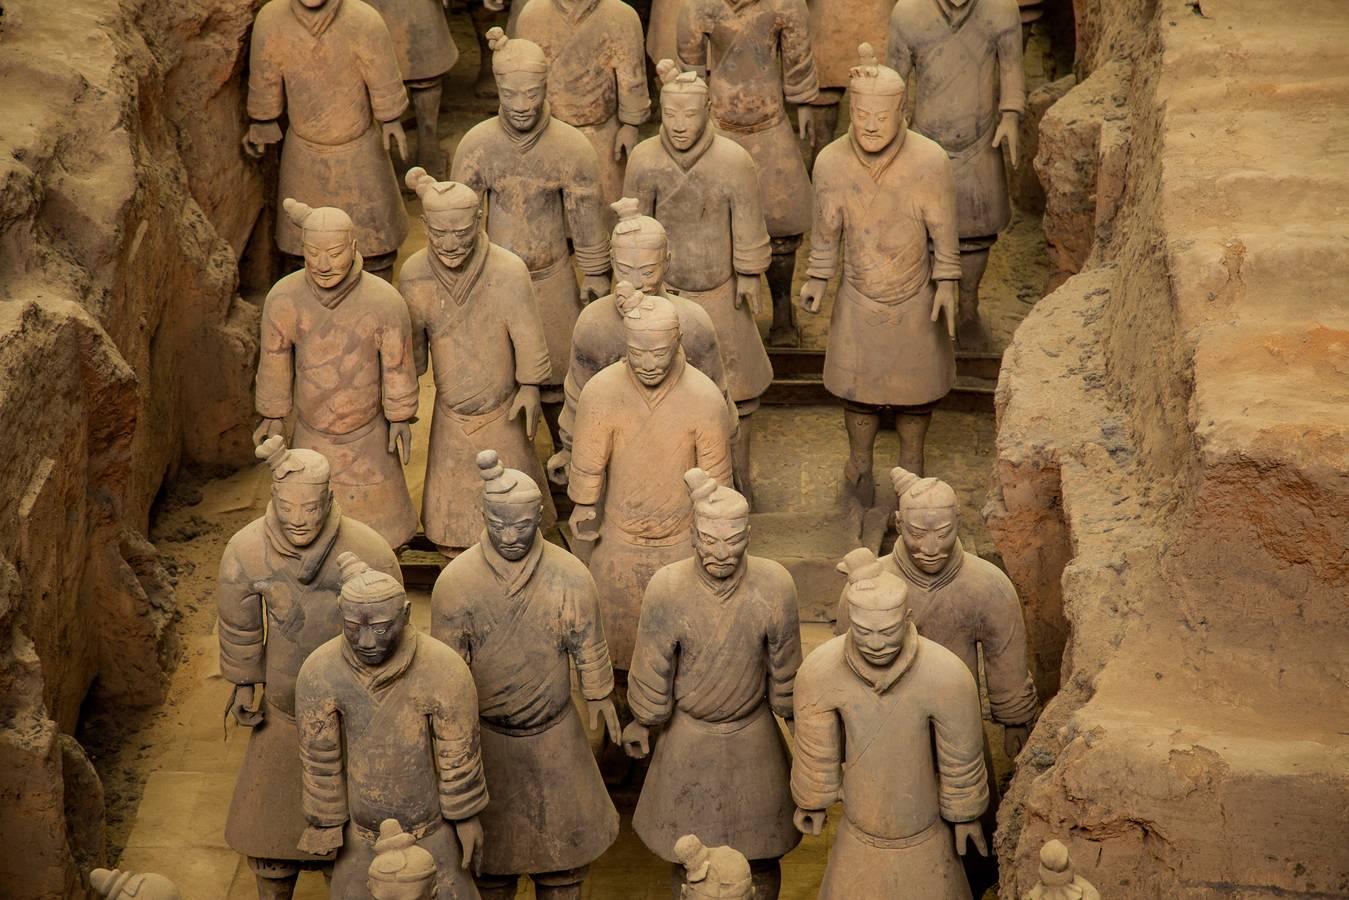 Záhrobná armáda Prvého cisára